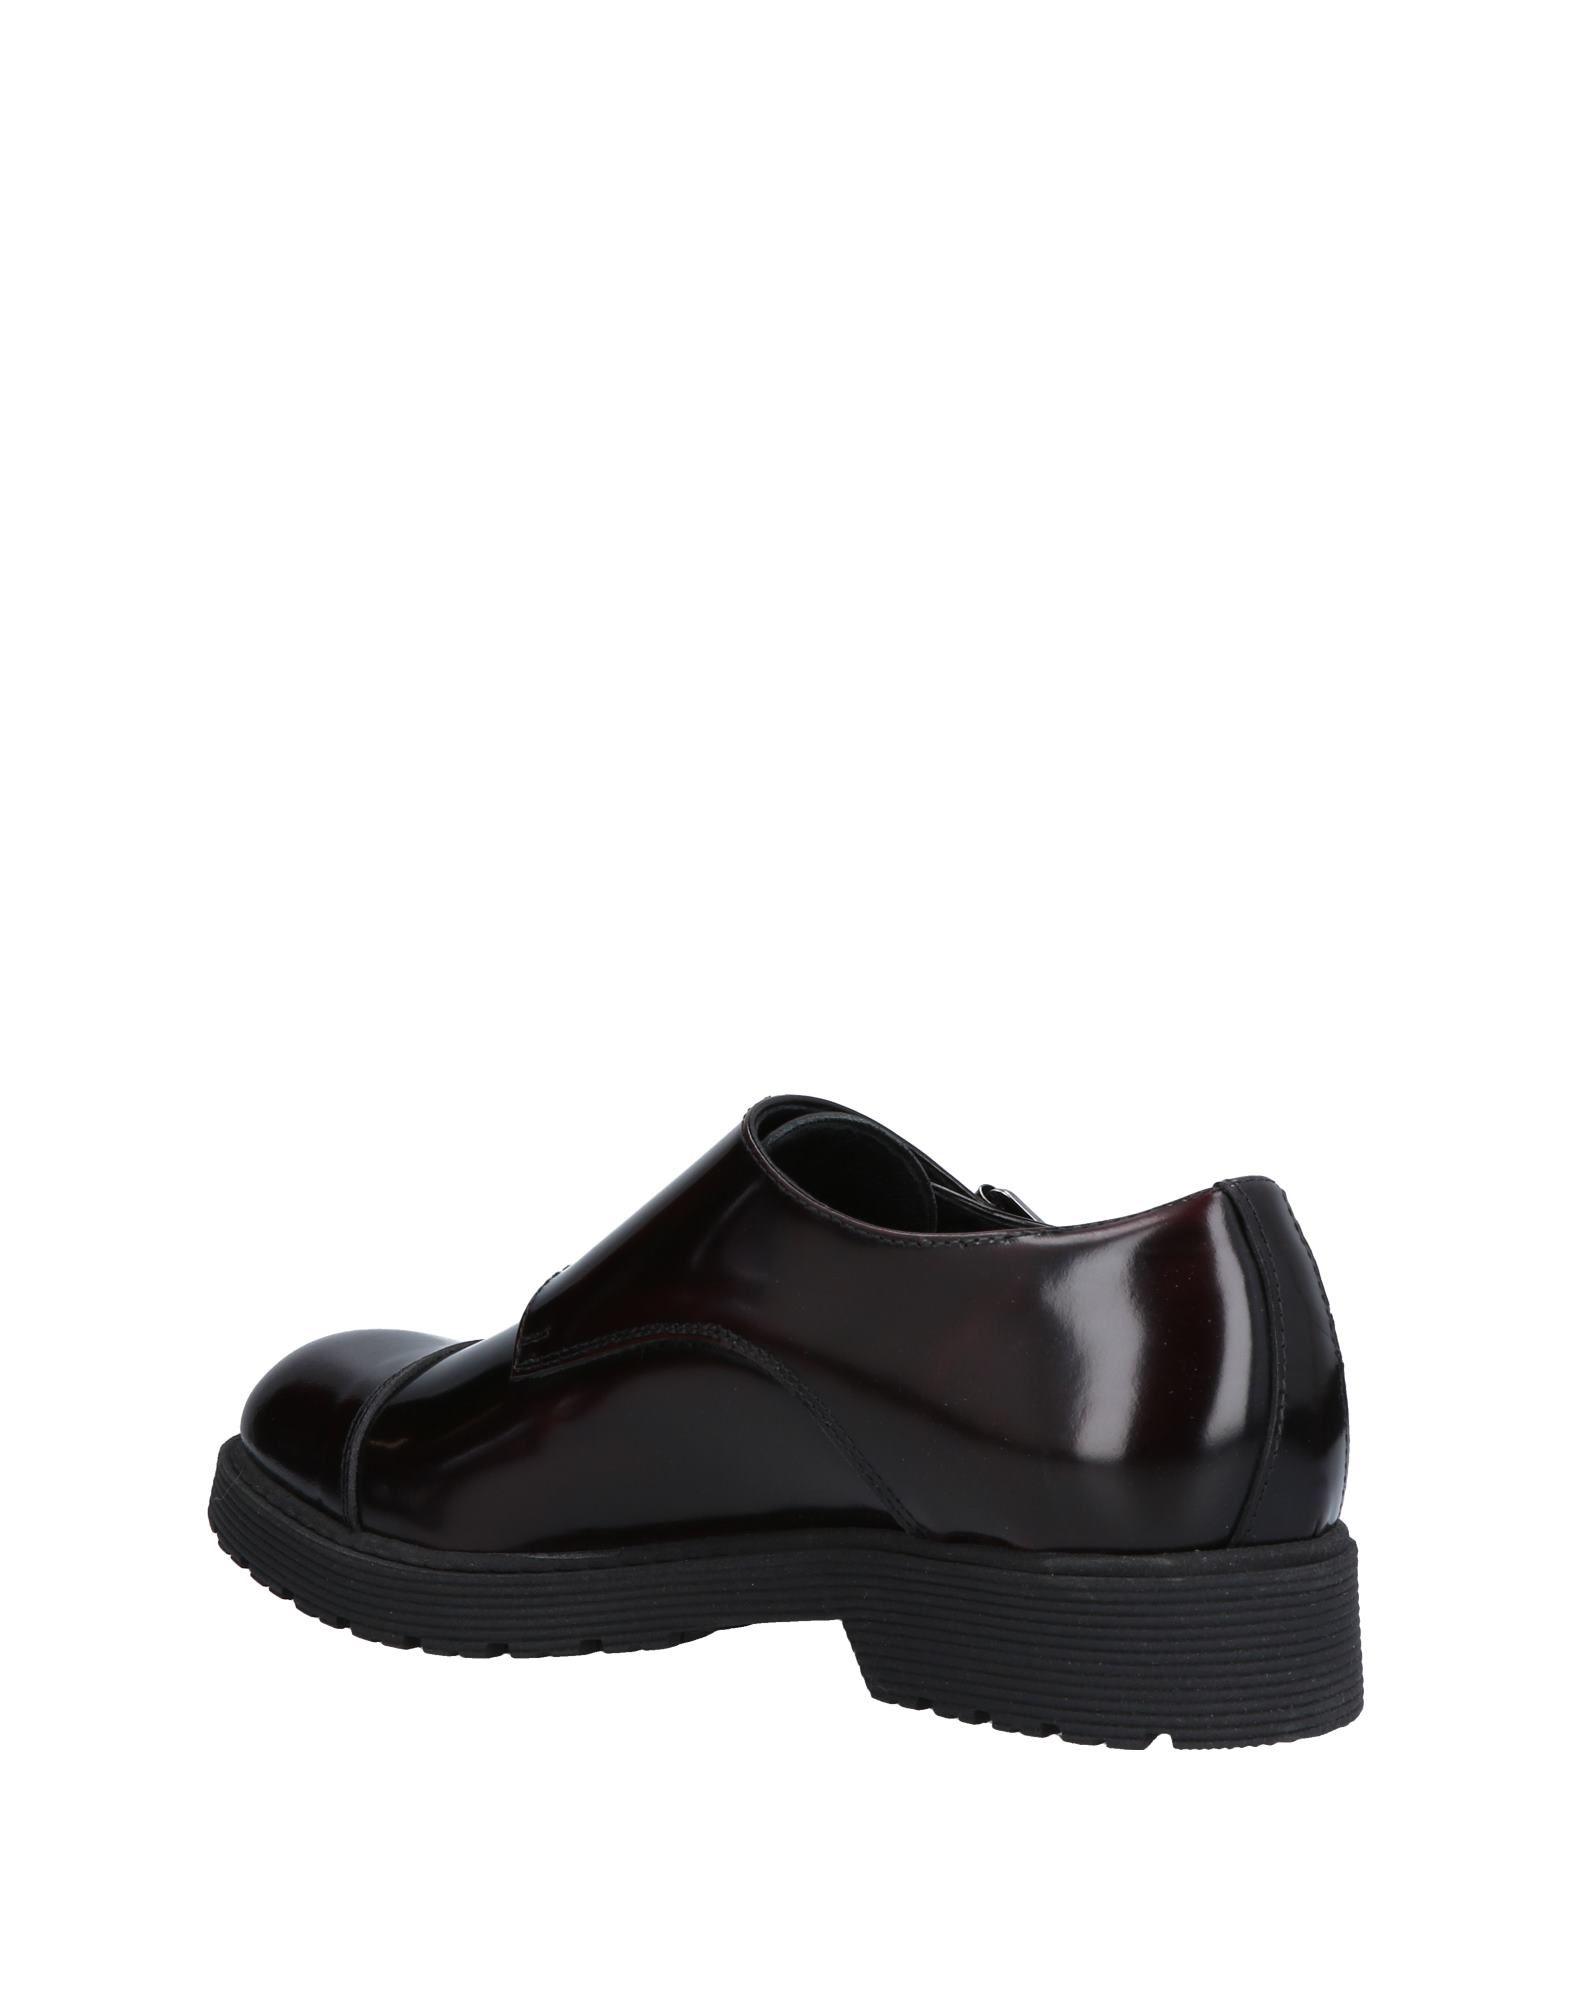 Islo Isabella Lorusso Mokassins Qualität Damen  11471722XV Gute Qualität Mokassins beliebte Schuhe 3cdf81